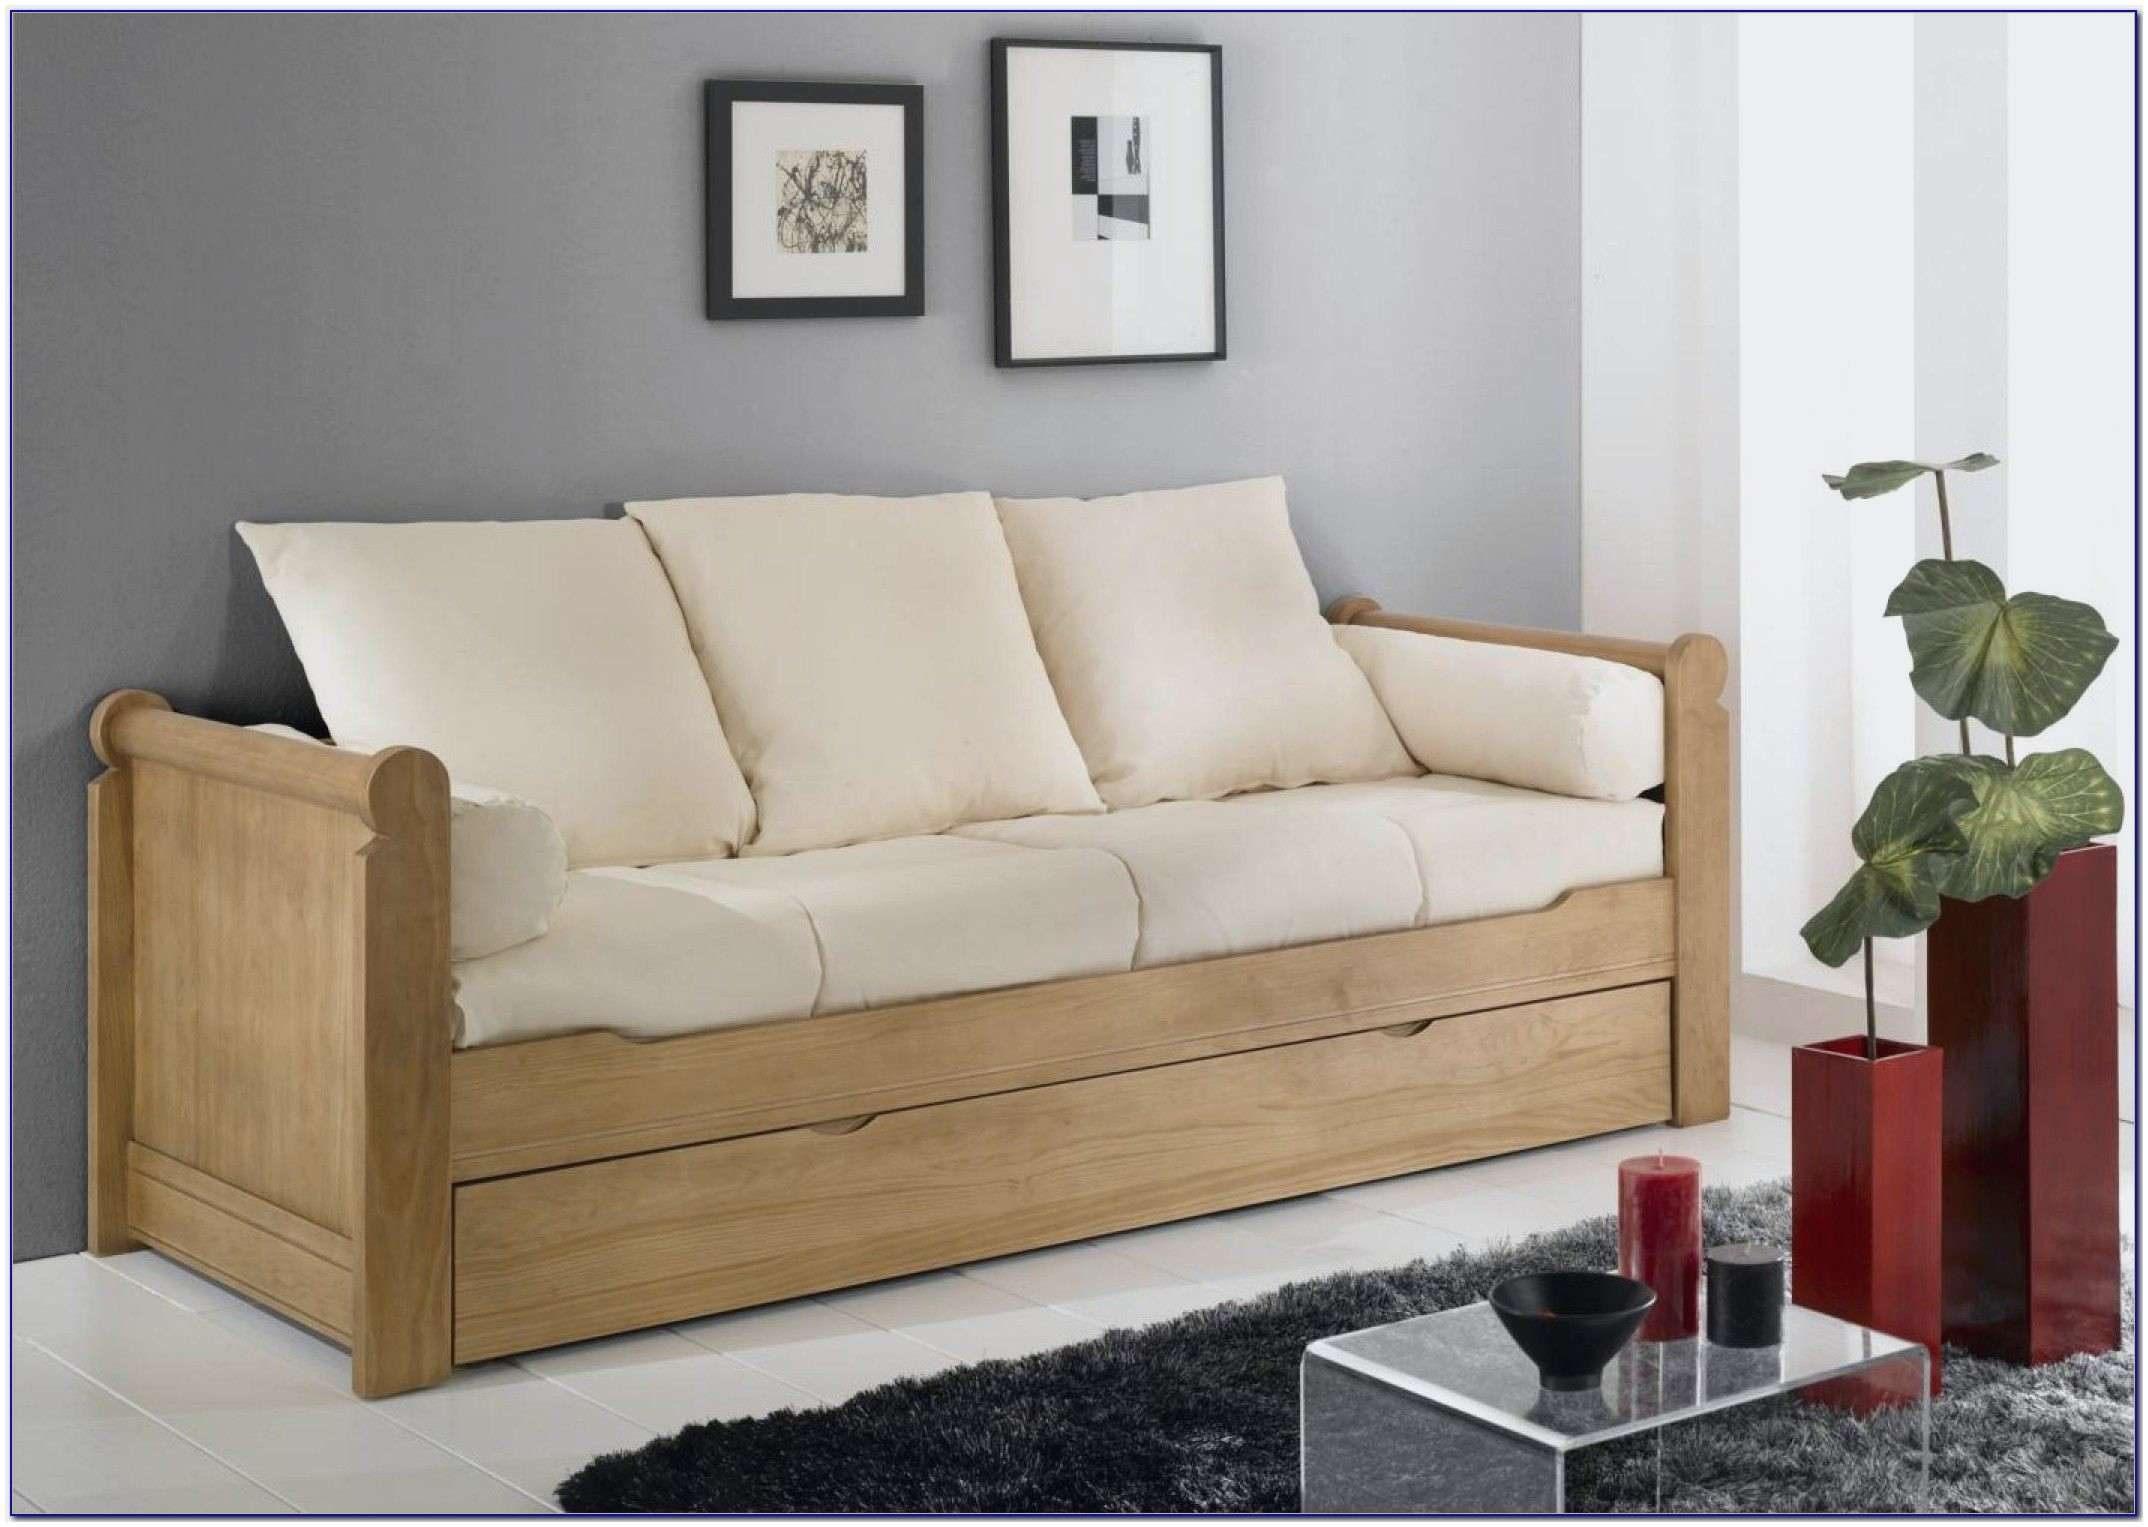 Lit Superposé 3 Places De Luxe Nouveau Luxury Canapé Lit Matelas Pour Option Canapé Convertible 2